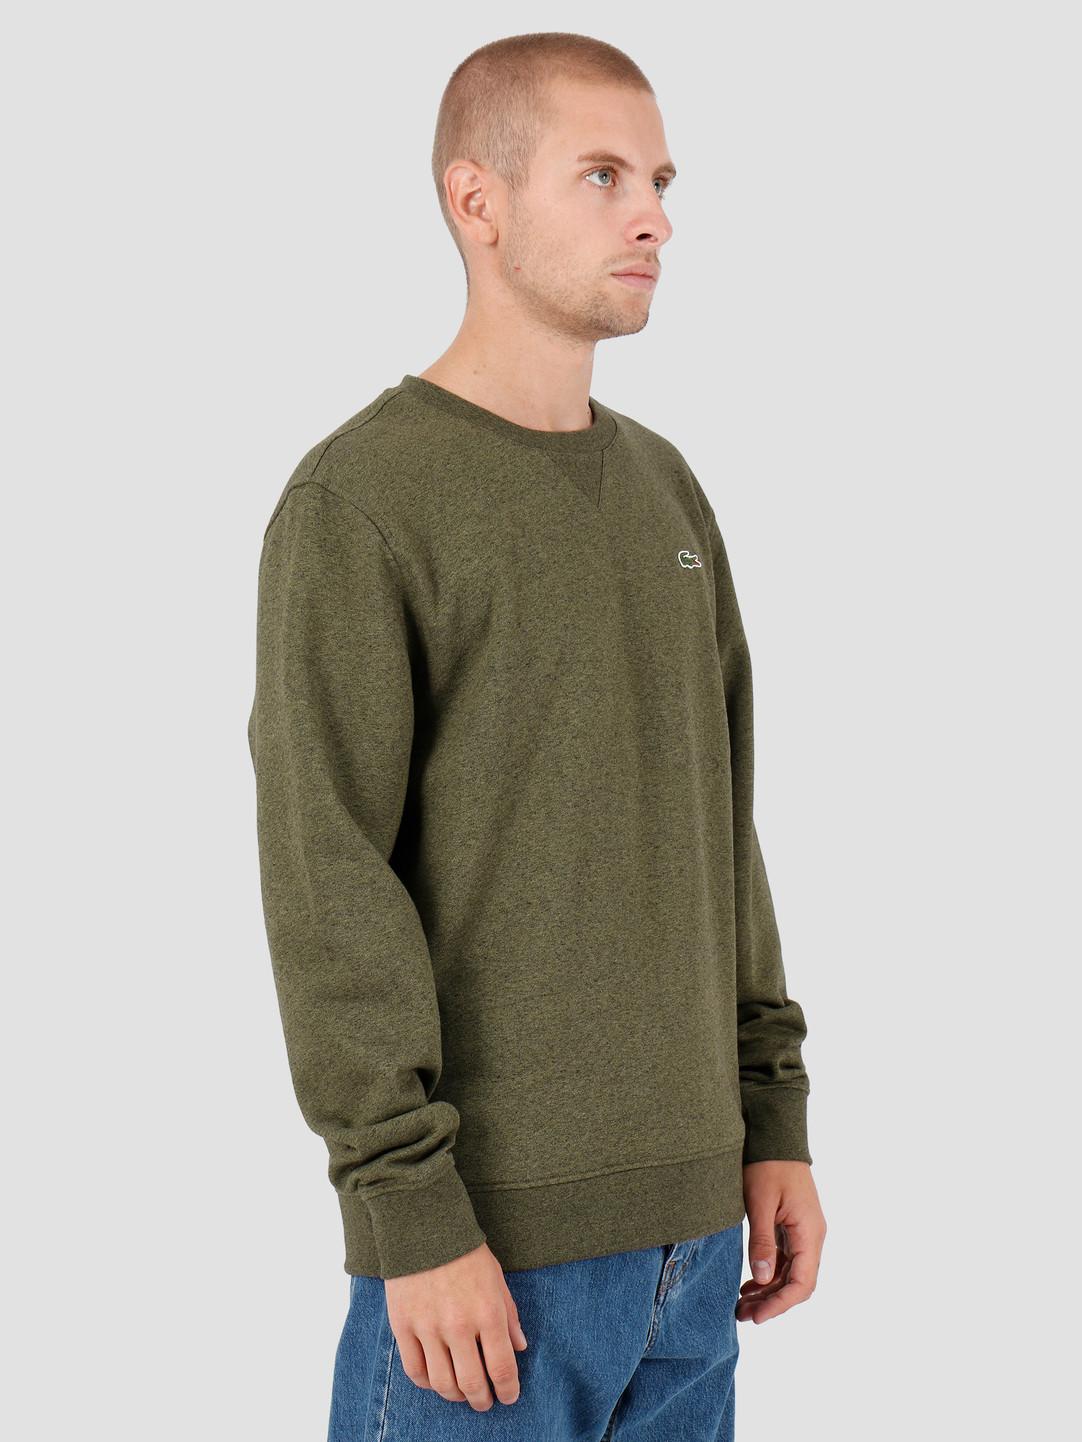 Lacoste Lacoste 1HS1 Sweatshirt Brome Chine SH7613-93